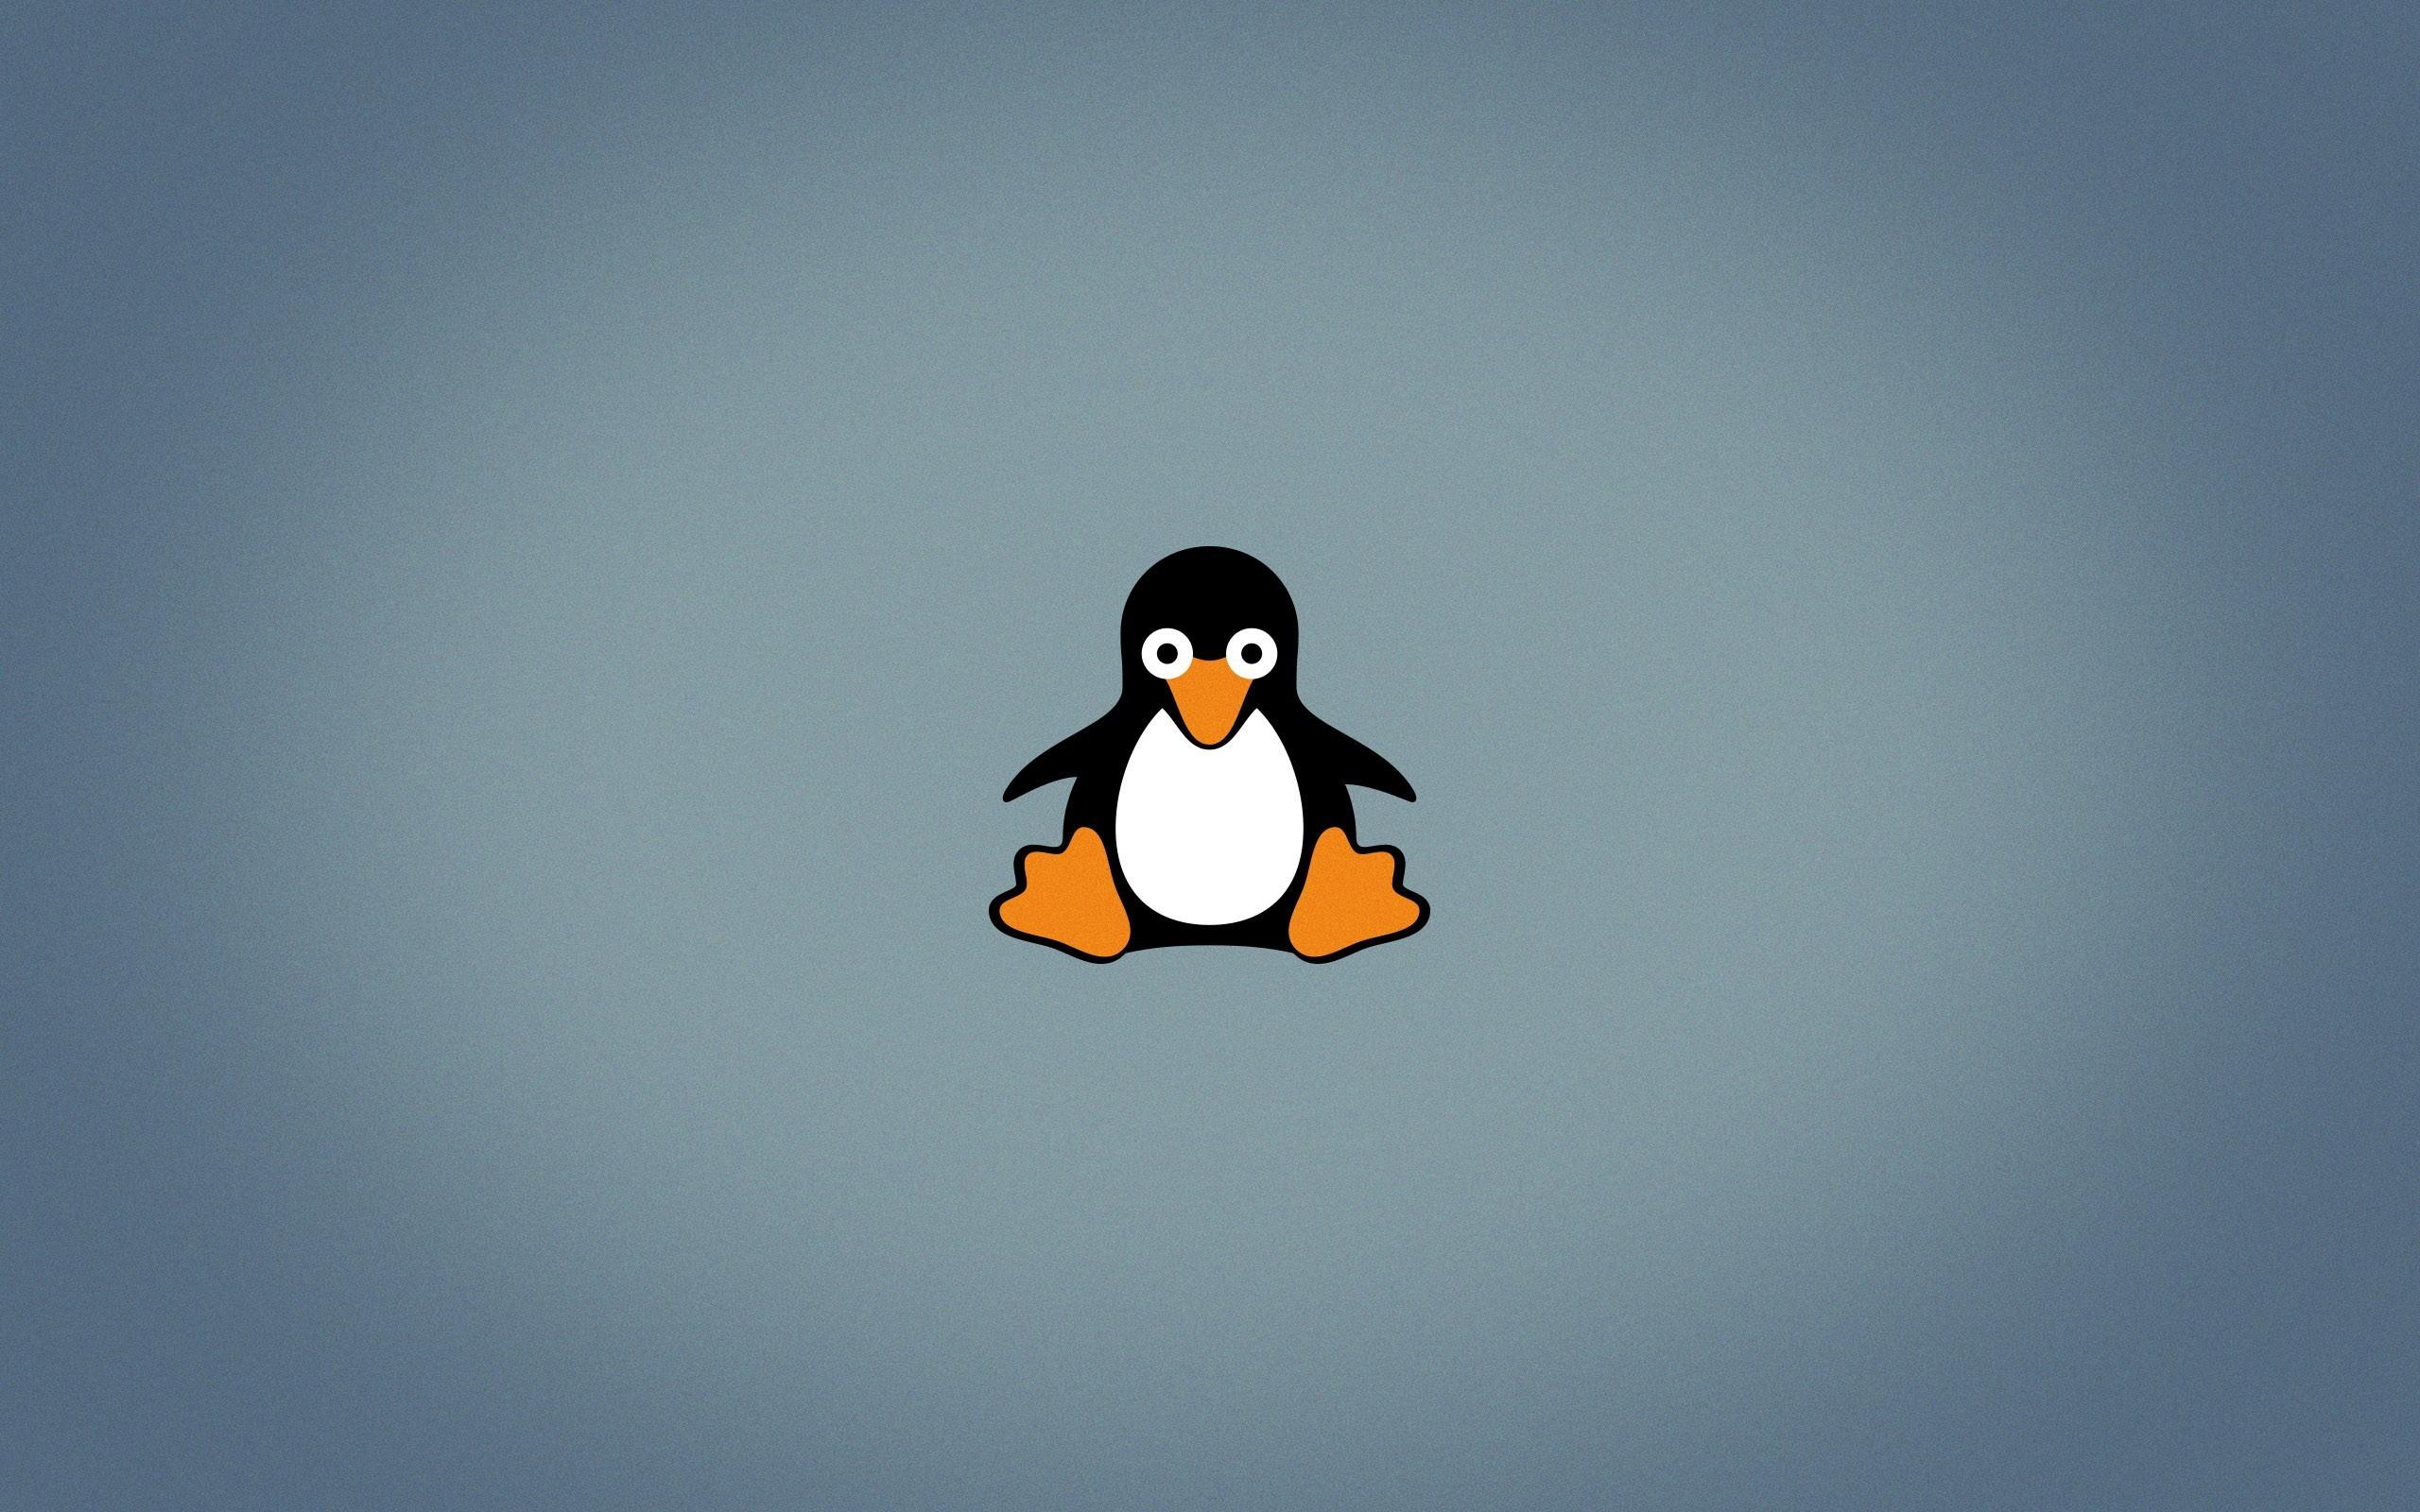 Linux Tux Wallpaper (59+ images)